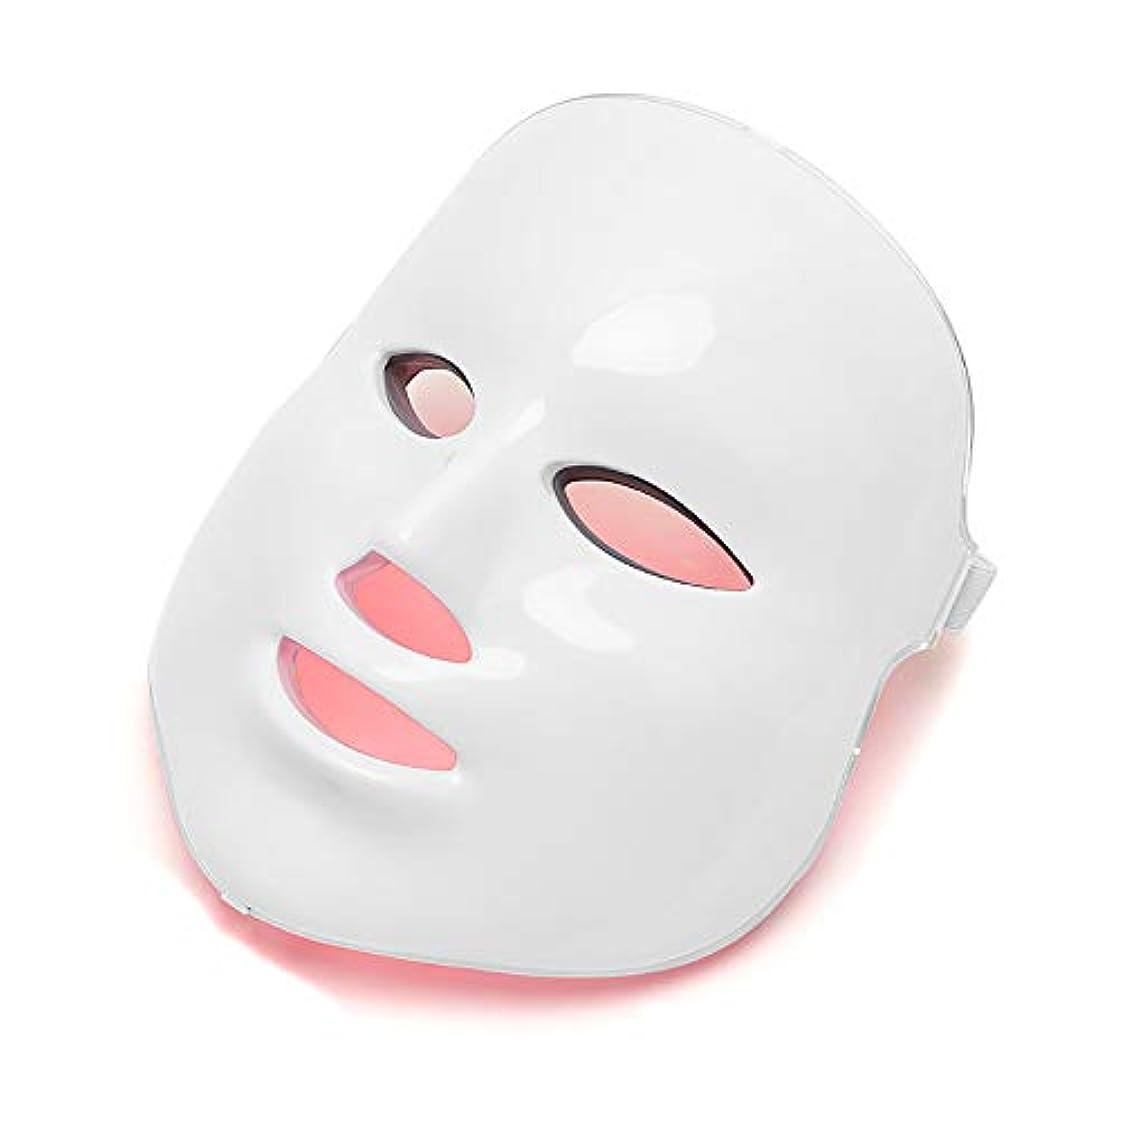 盆閉じ込める変形7色の顔のマスクLED顔のマスクLEDの顔のマスクの美は導かれた顔のマスクの美機械を導きました